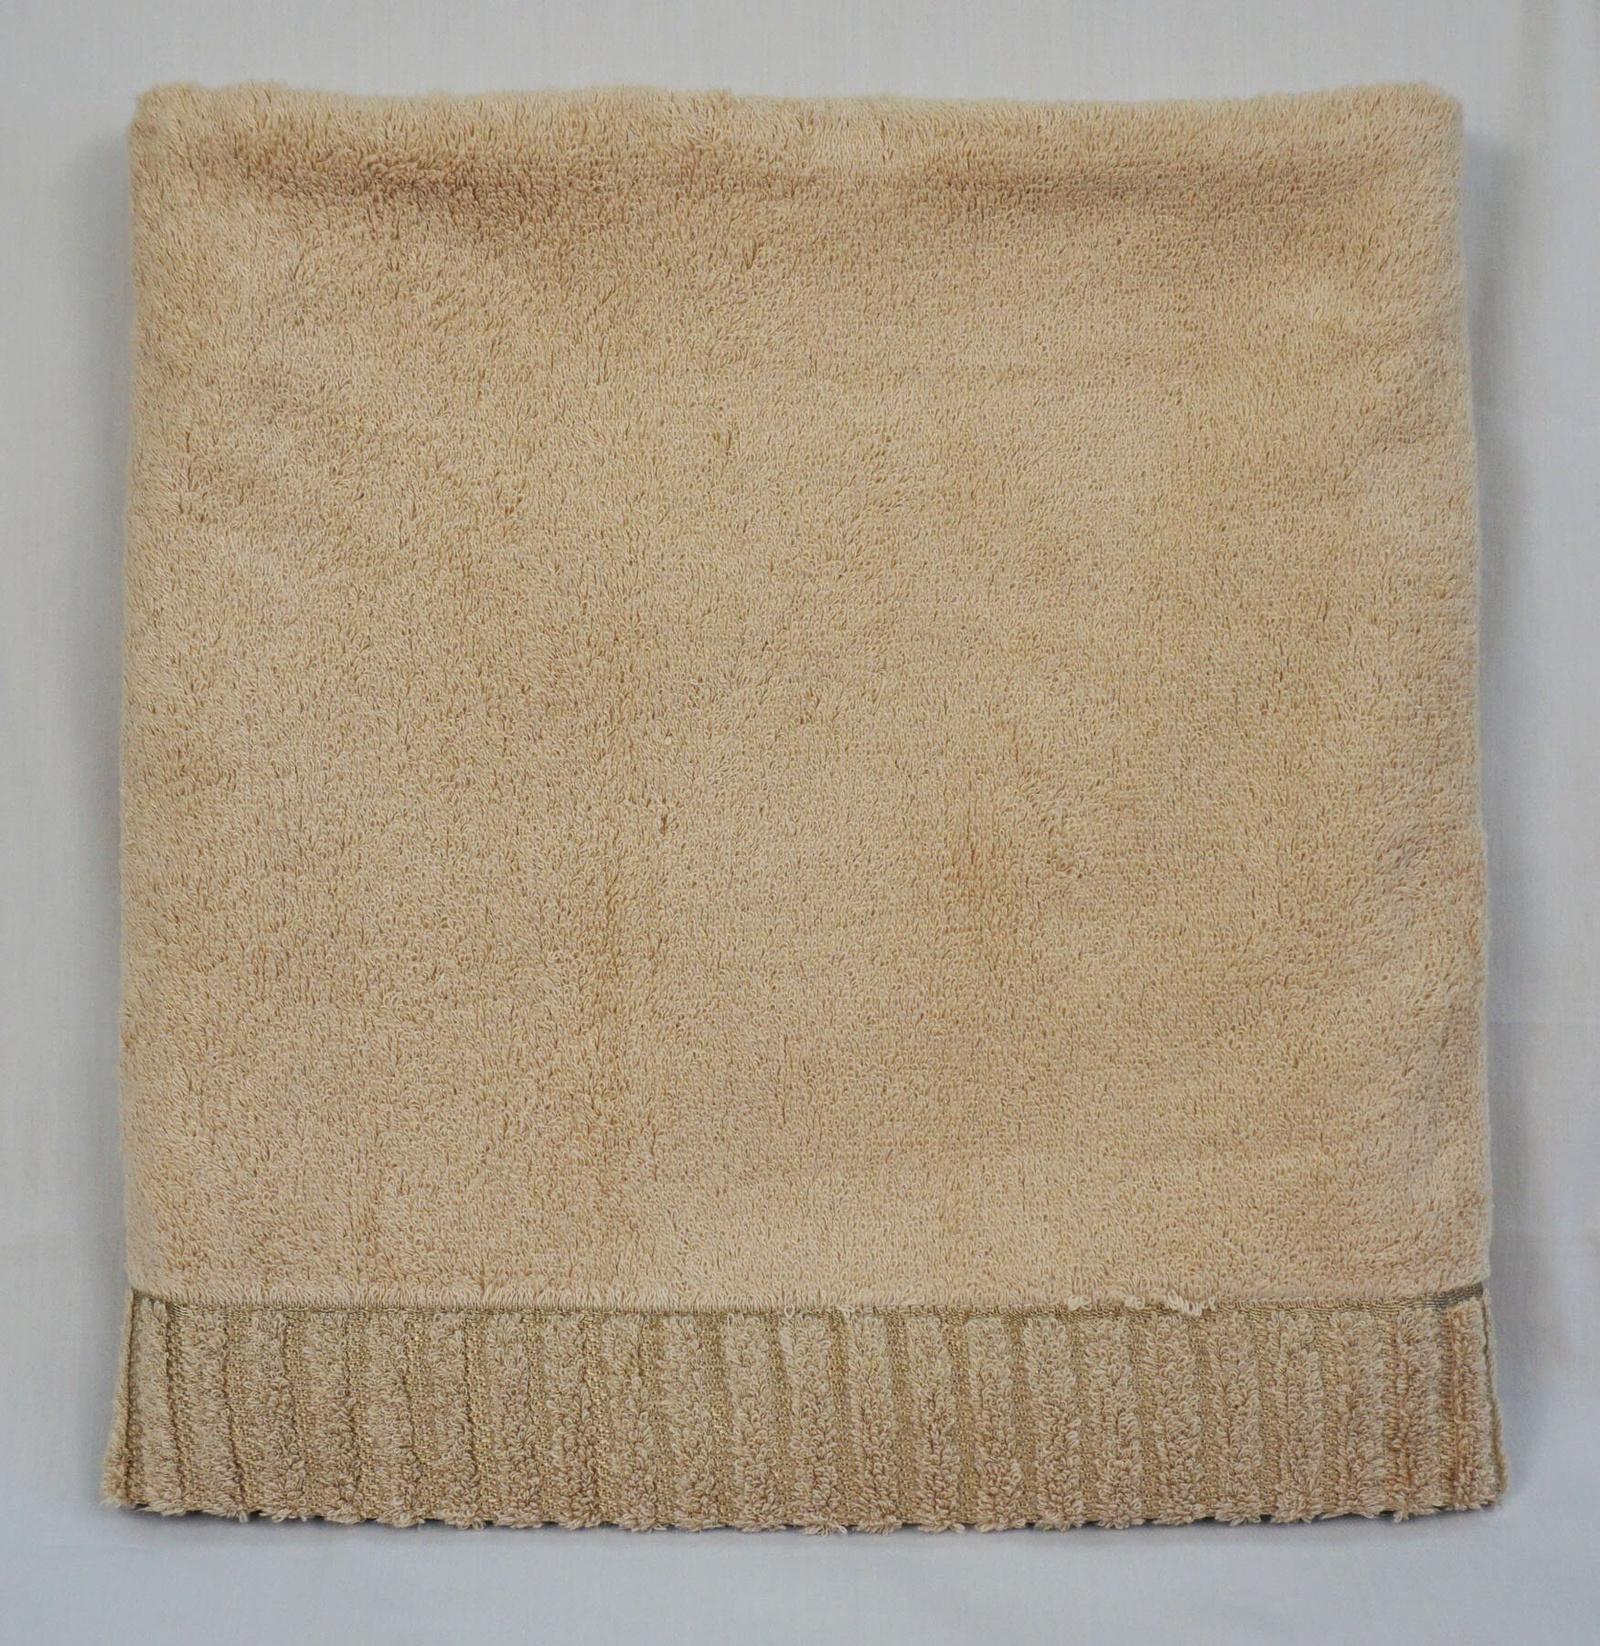 Полотенце банное Grand Stil Соло, размер 70*140, G-K657-ab, коричневыйG-K657-abkБанные махровые полотенца.Торговая Марка «Гранд стиль» производит и реализует текстиль только наивысшего качества. Мы предлагаем махровые изделия изготовленные из бамбука хлопка и модала. Наши полотенца прекрасно впитывают влагу, не линяют и не выцветают. Двухсторонние полотенца бамбук+хлопок.